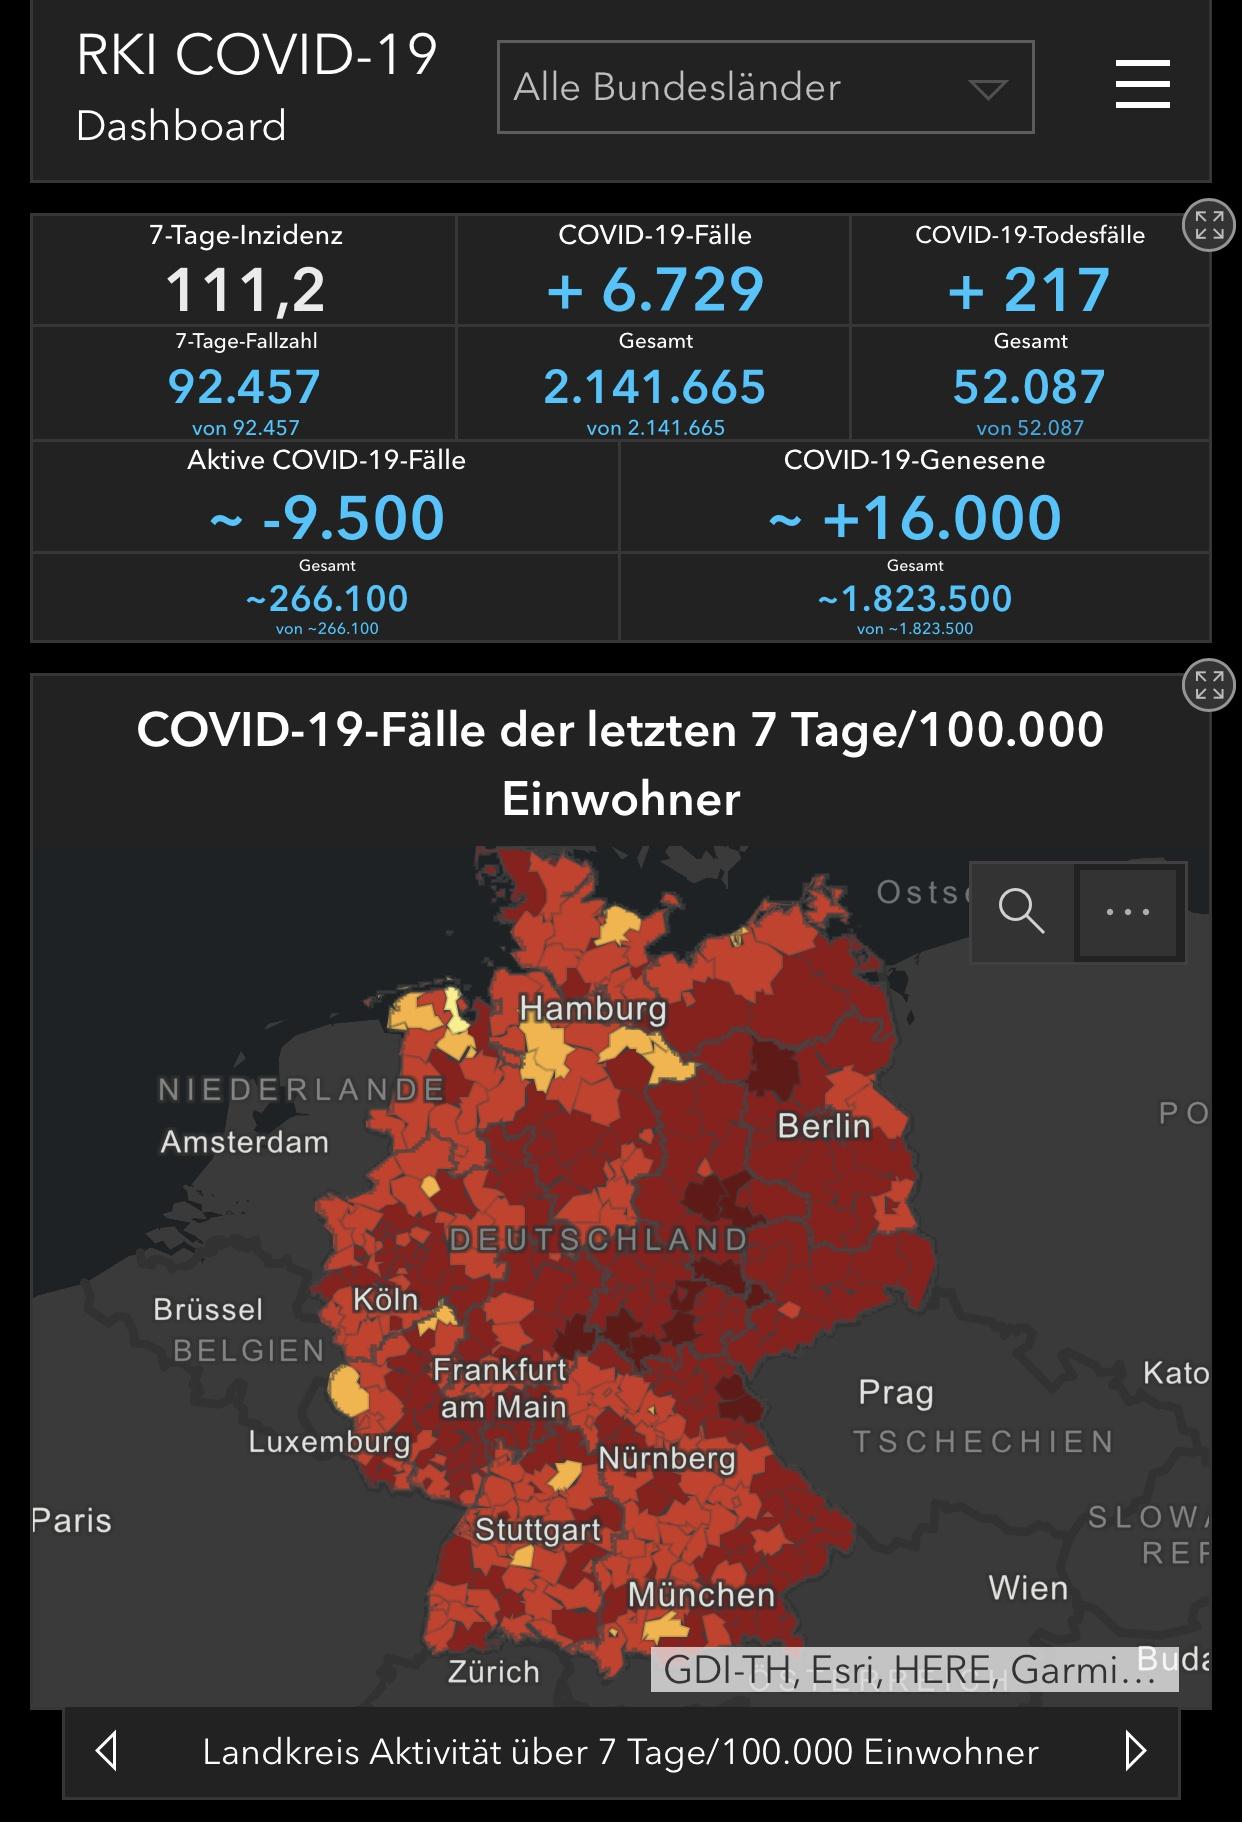 德国新增新冠肺炎确诊病例6729例 累计确诊2141665例